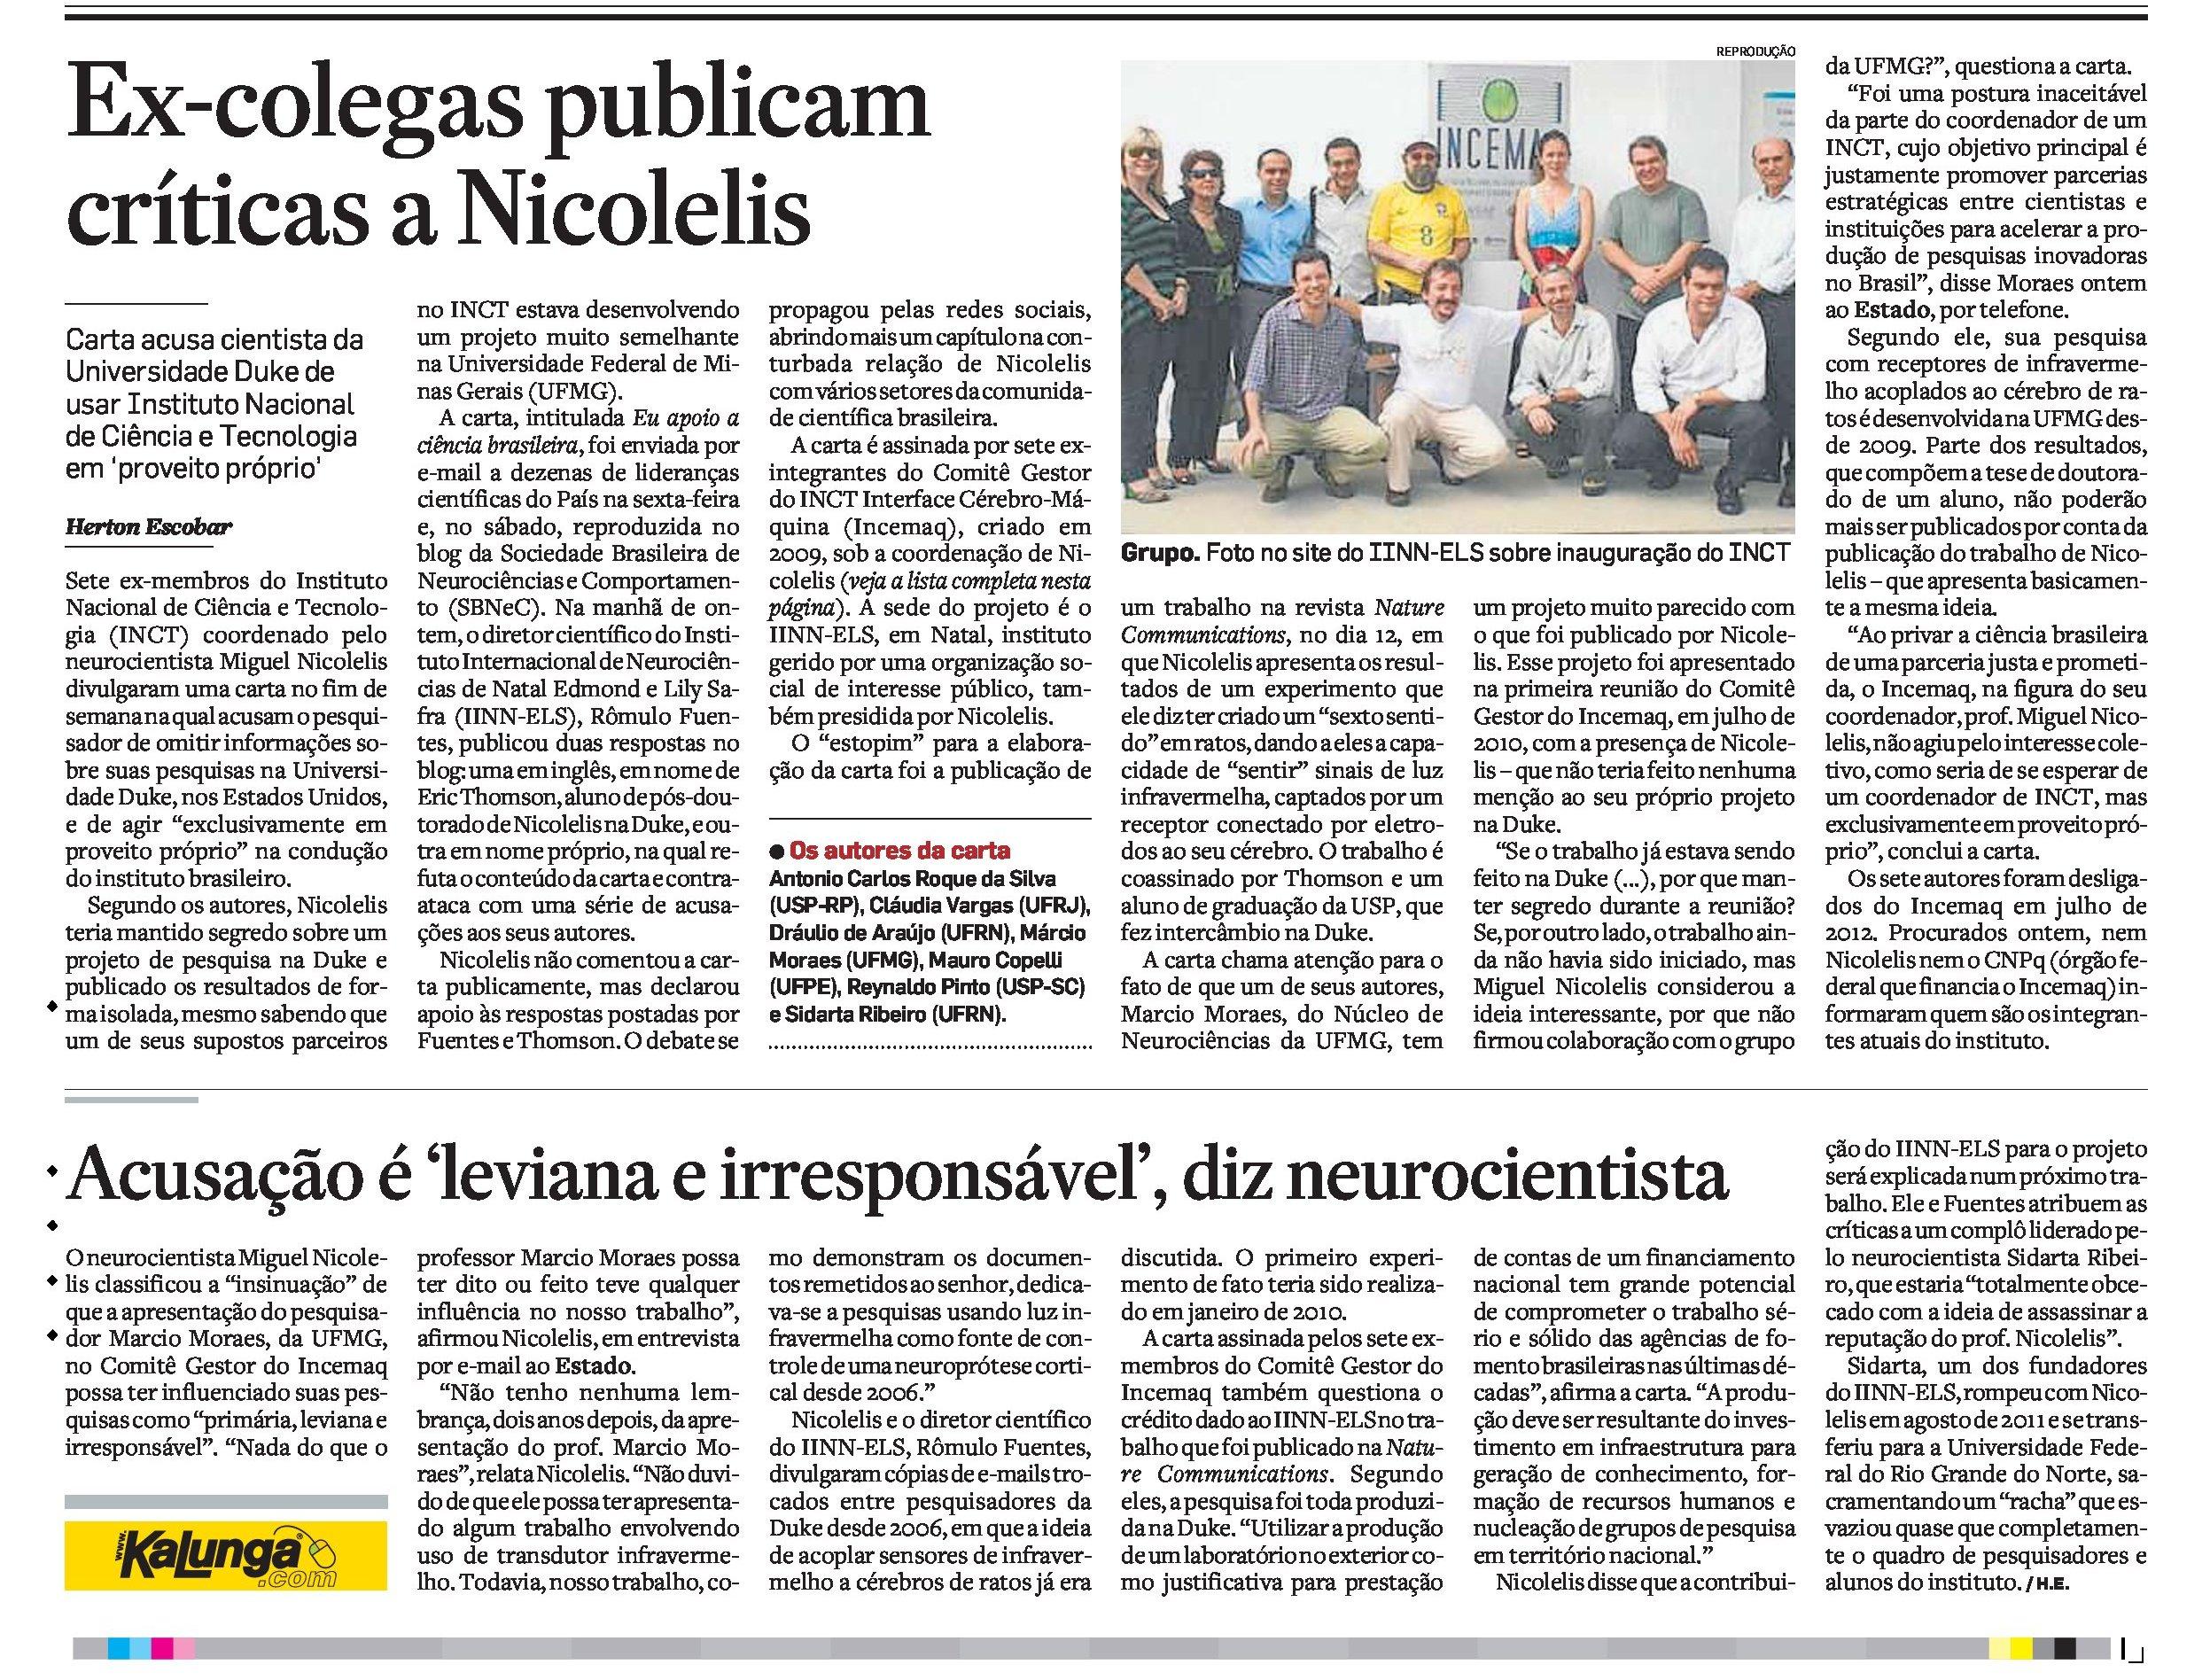 Ex-colegas publicam críticas a Nicolelis